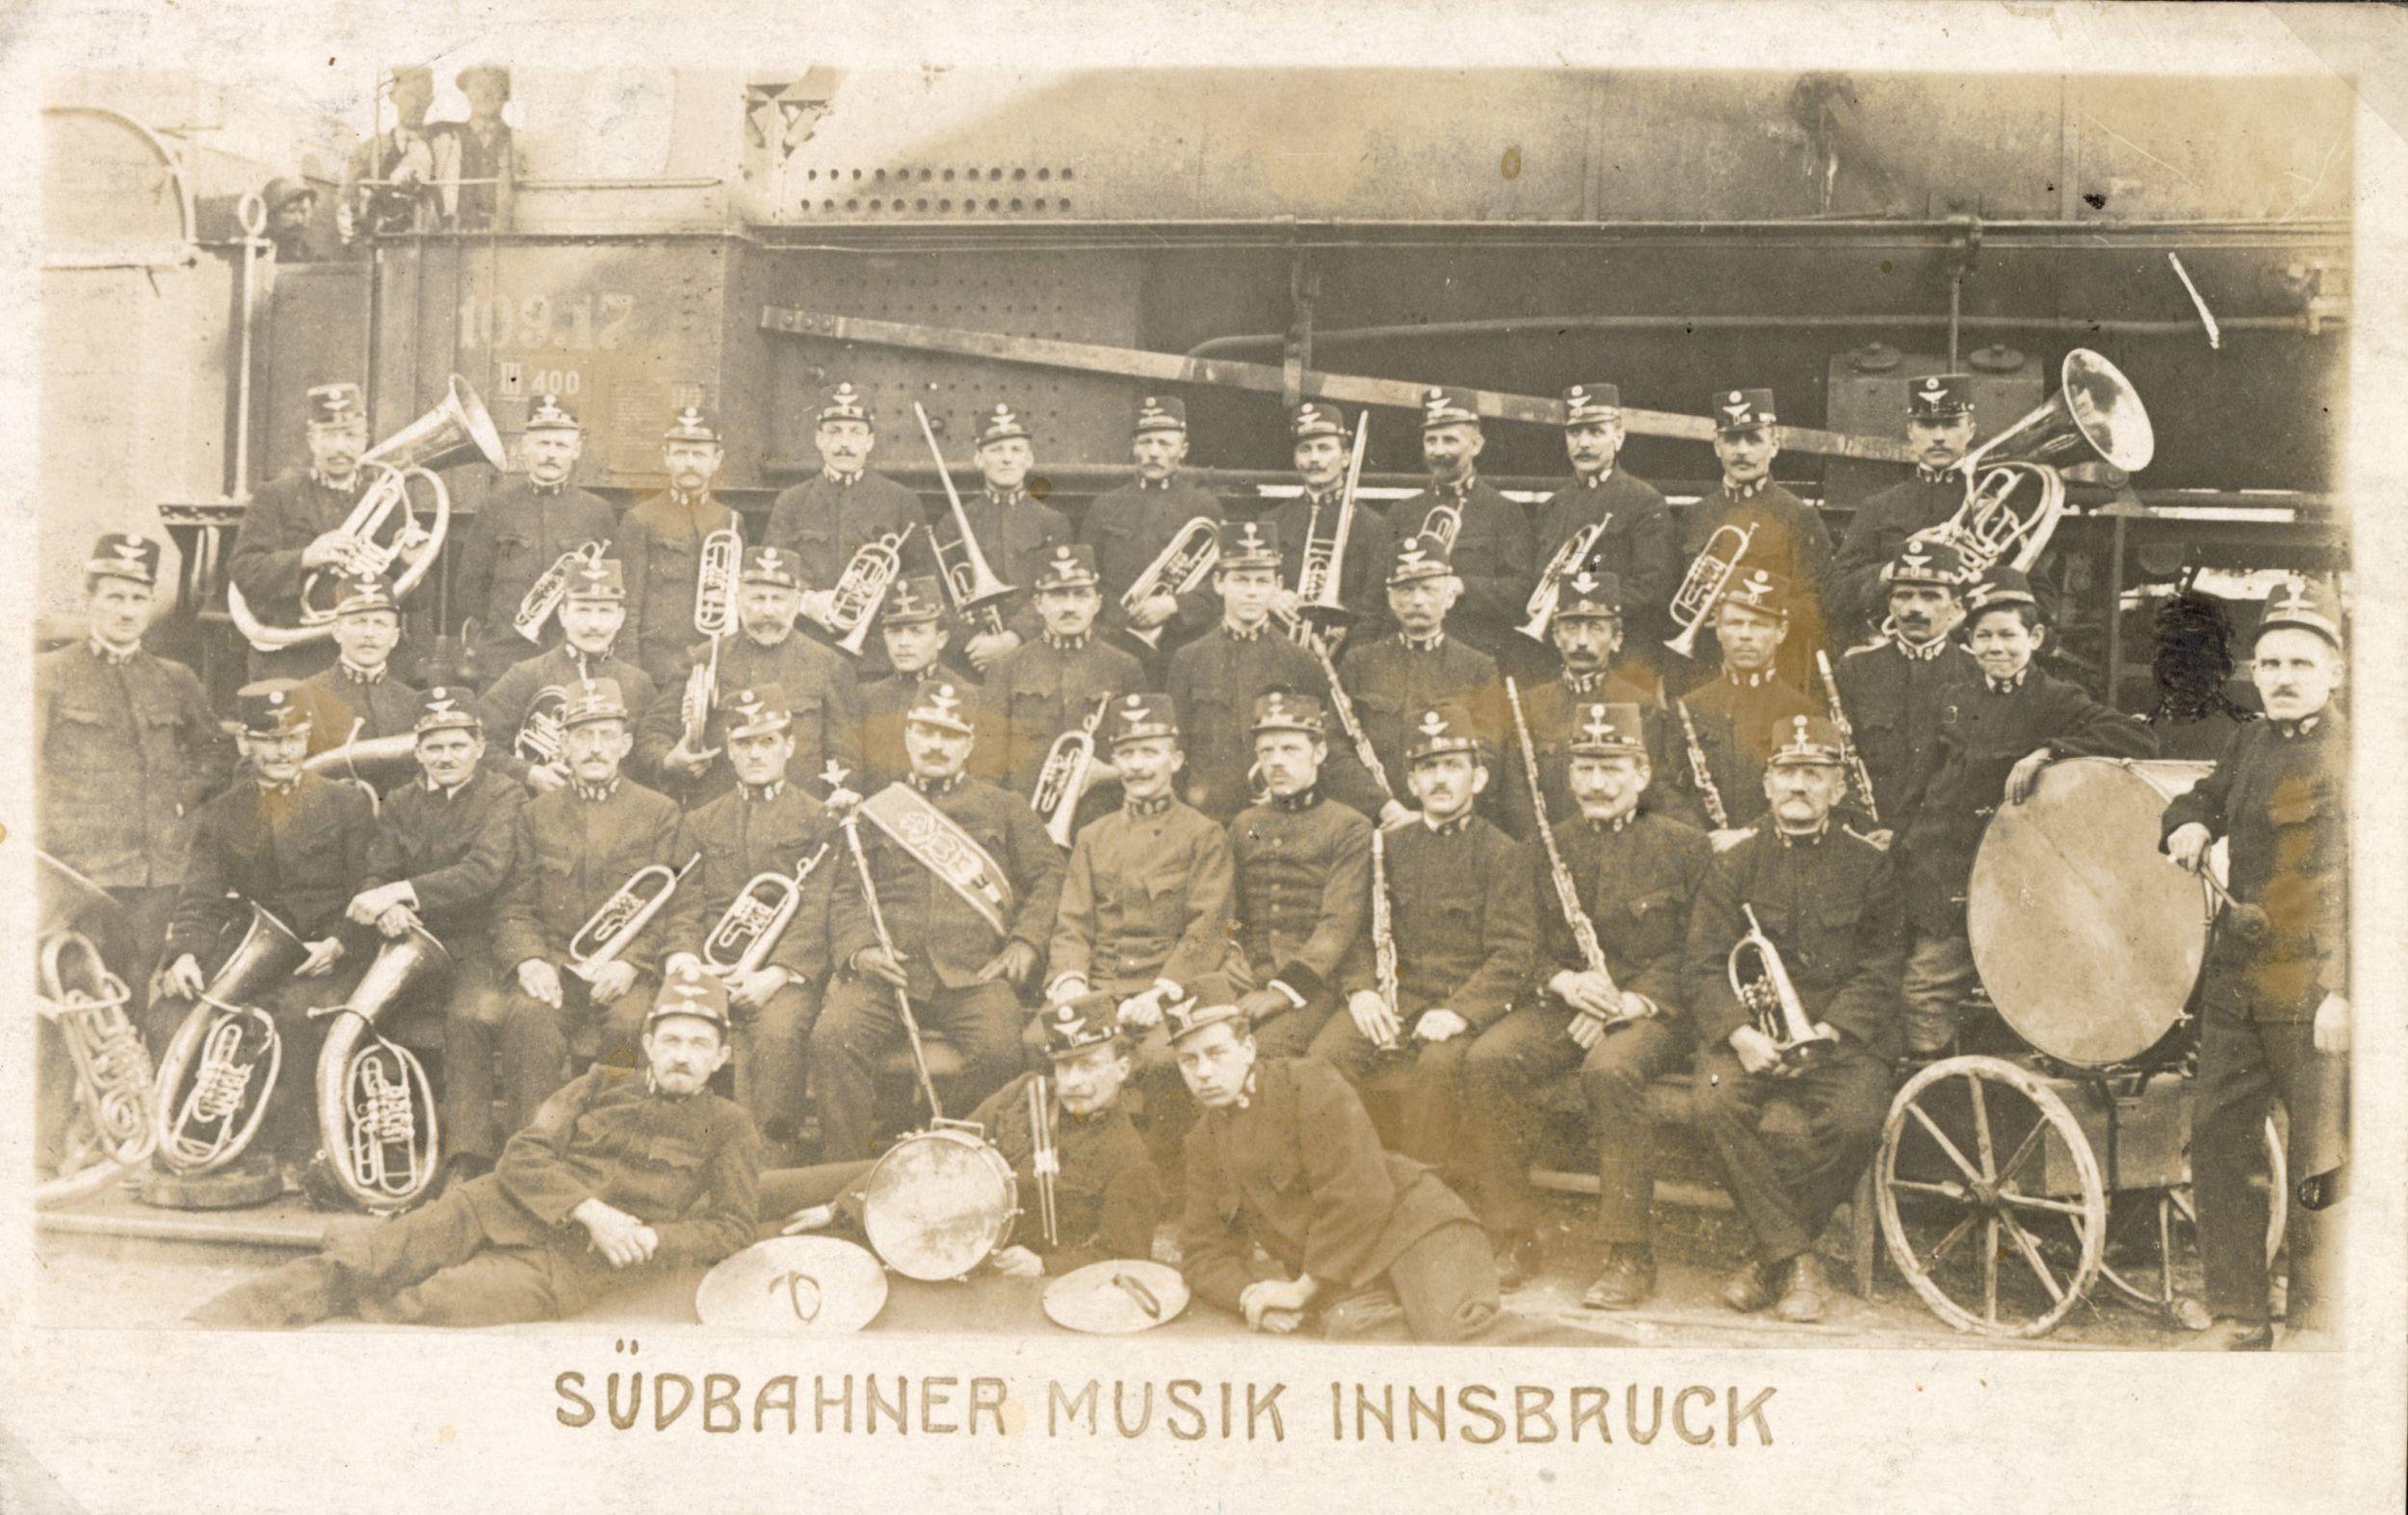 Südbahnmusik